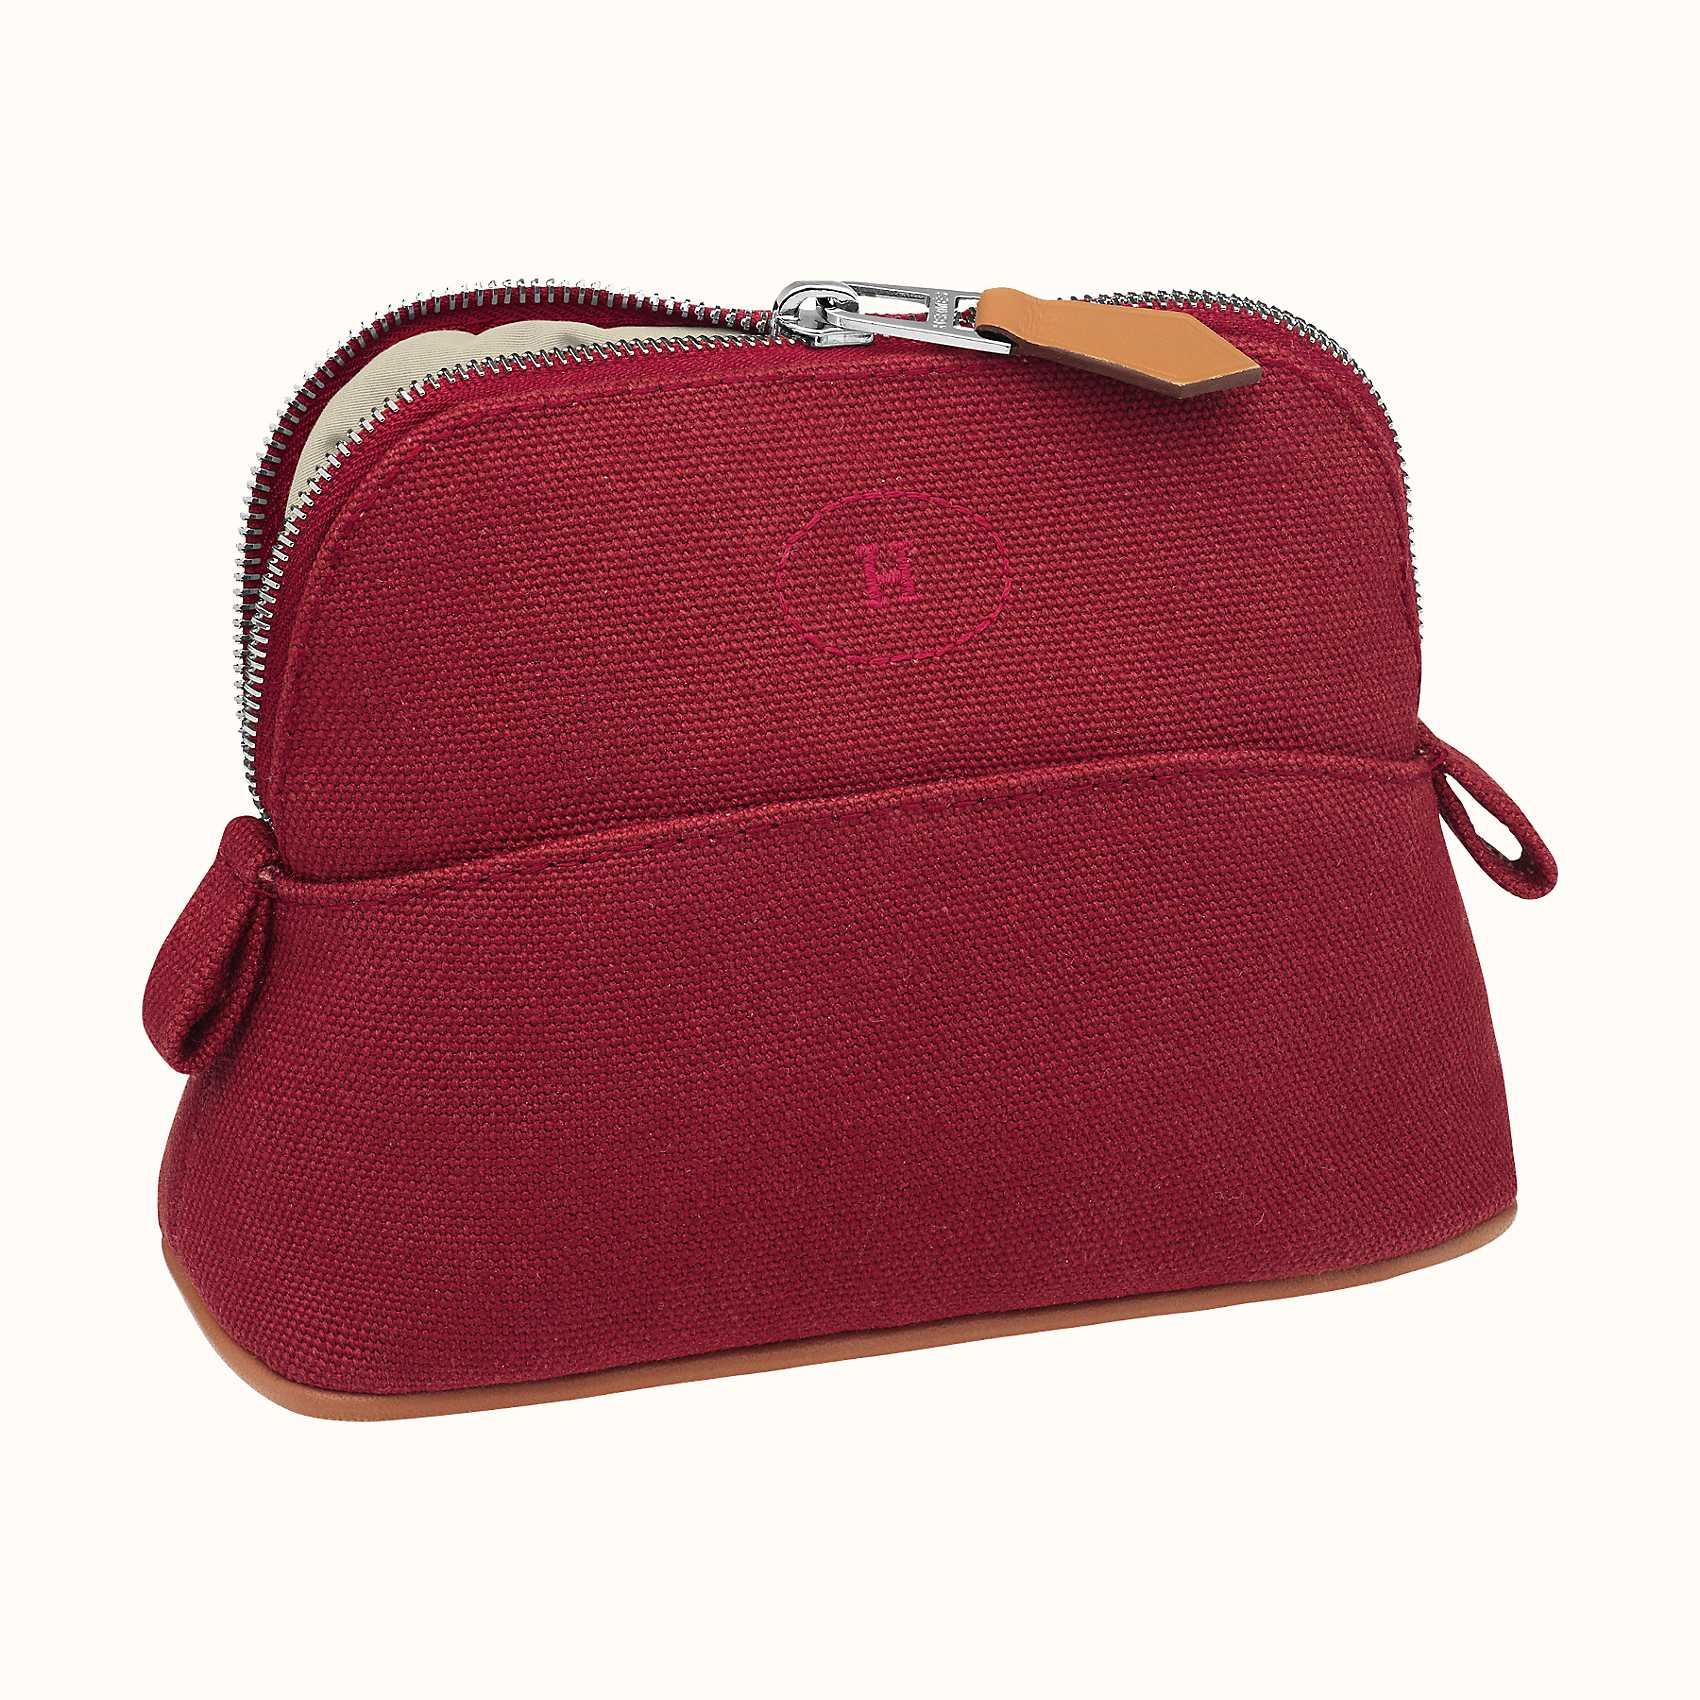 HERMES Bolide travel case, mini model - Rouge H